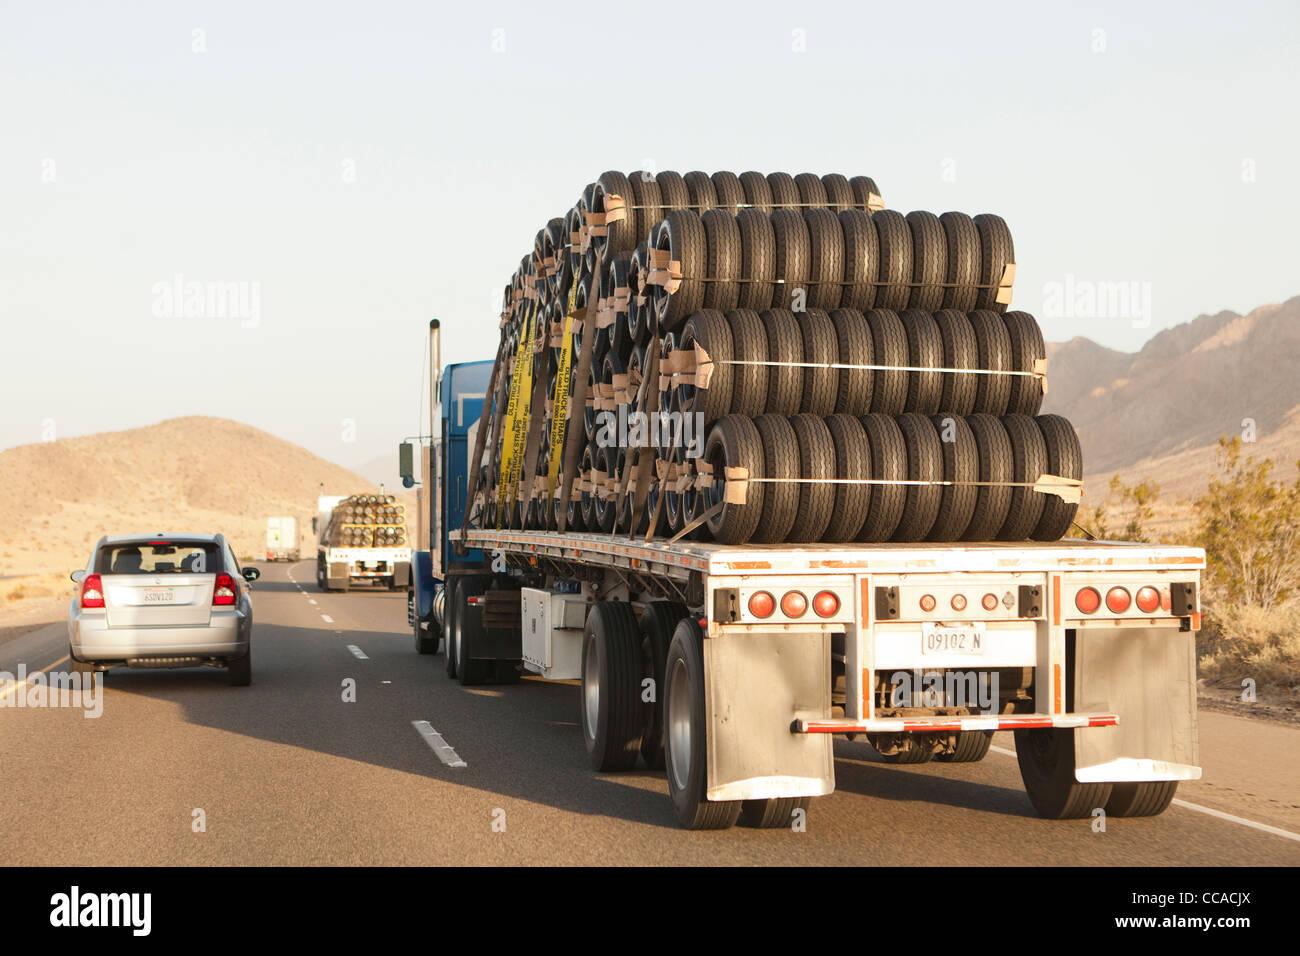 Rimorchio per trattore portando nuovi pneumatici Immagini Stock